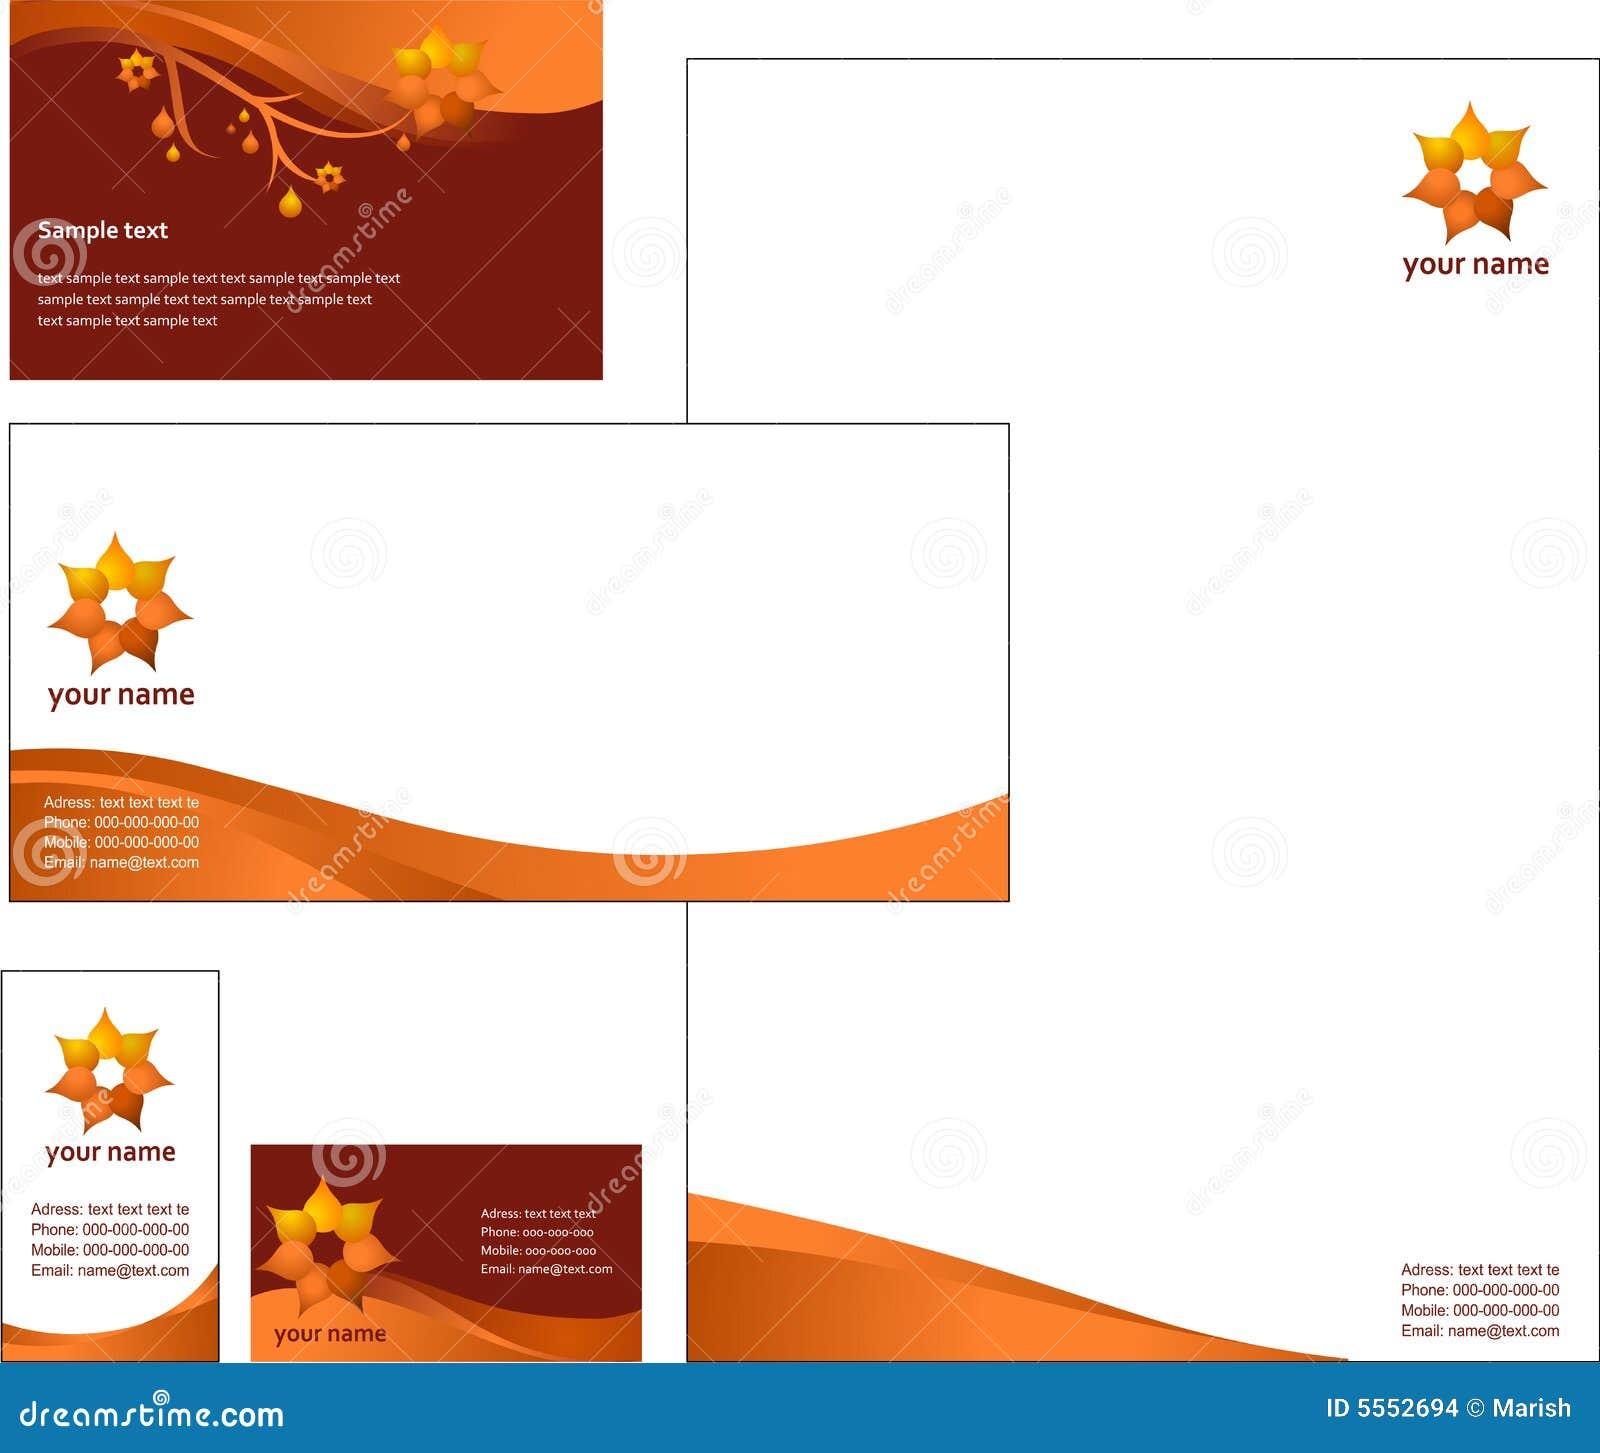 Examples of letterhead template jeppefm examples of letterhead template spiritdancerdesigns Gallery